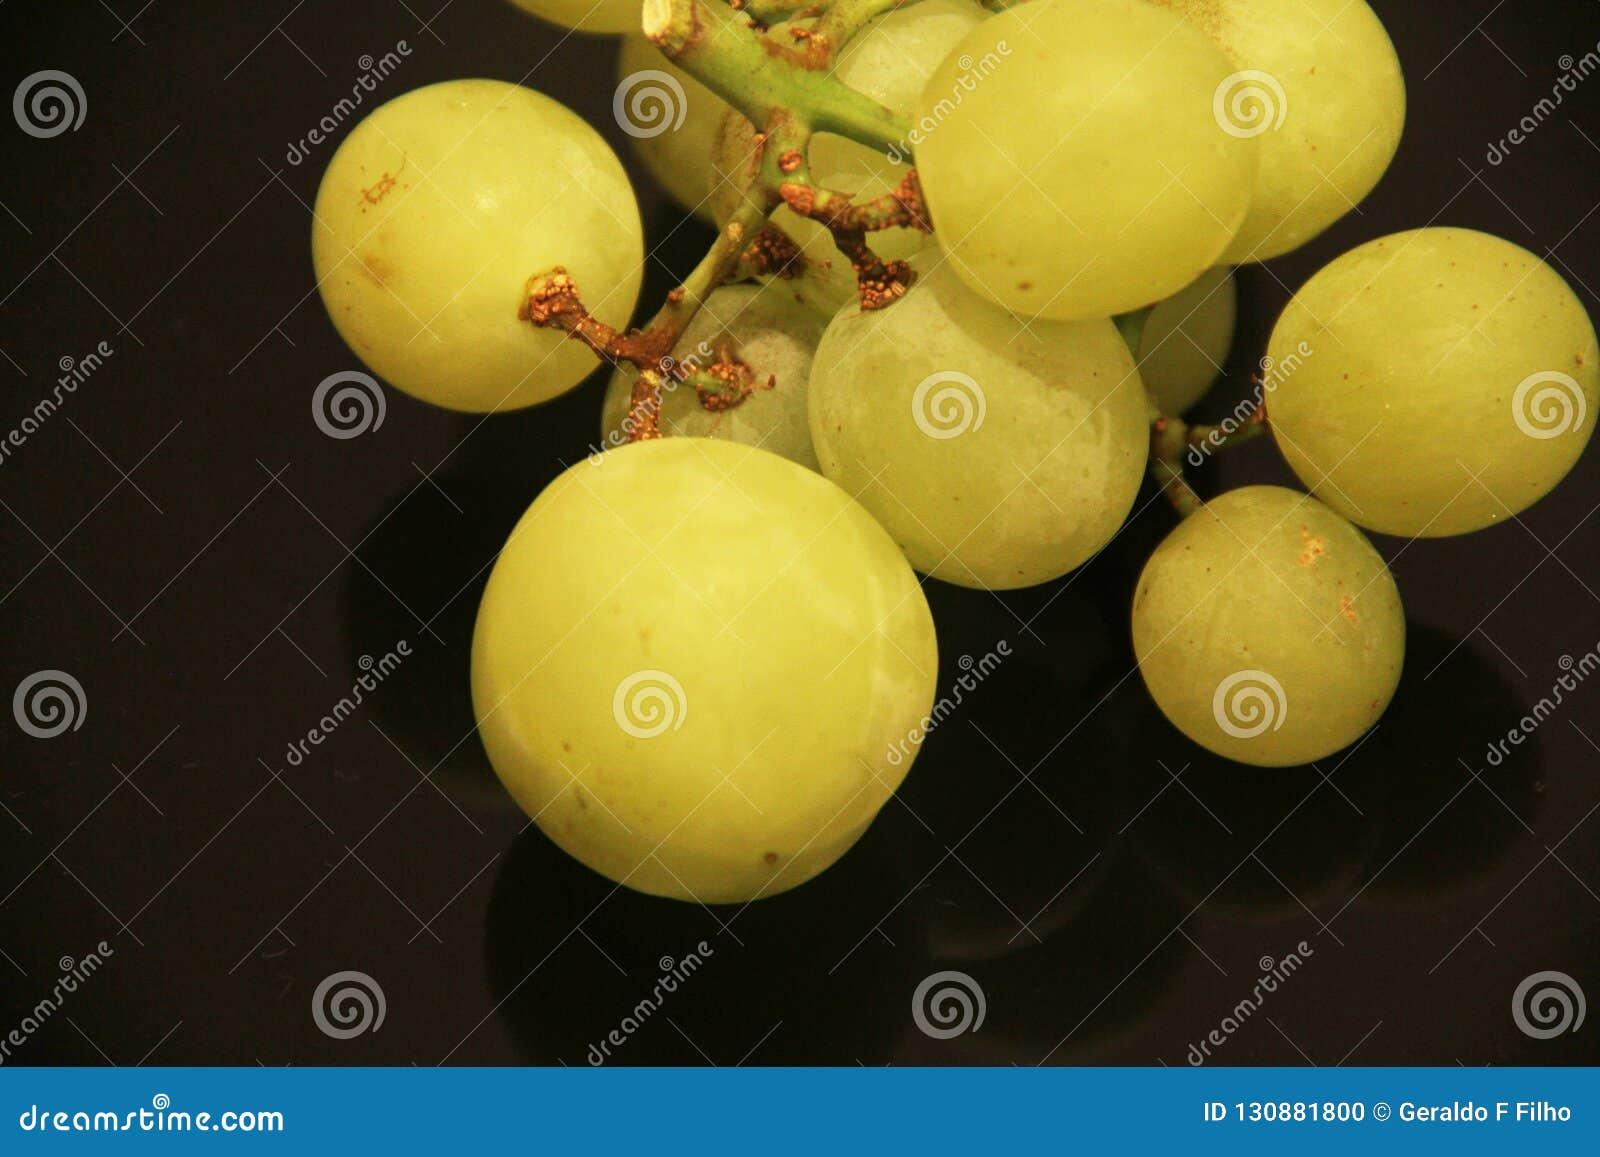 Sao Paulo Brazil för frukt för vitamin för grön druvamat läcker healthful åkerbruk